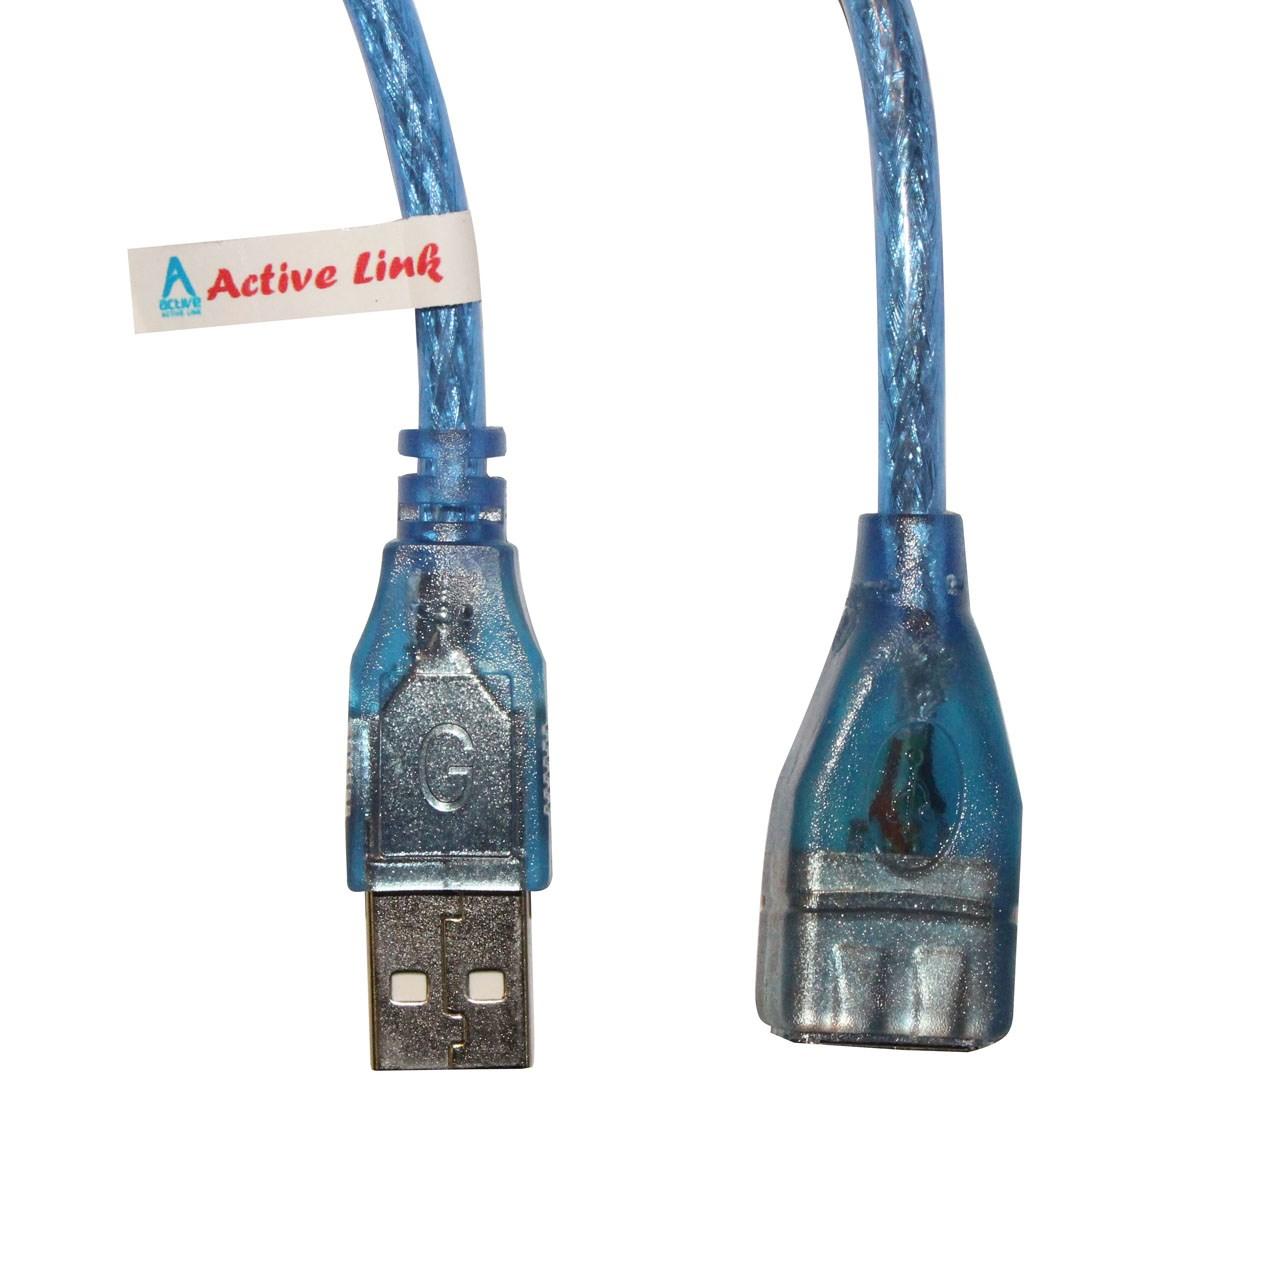 کابل افزایش طول USB 2.0 اکتیو لینک به طول 1.5 متر